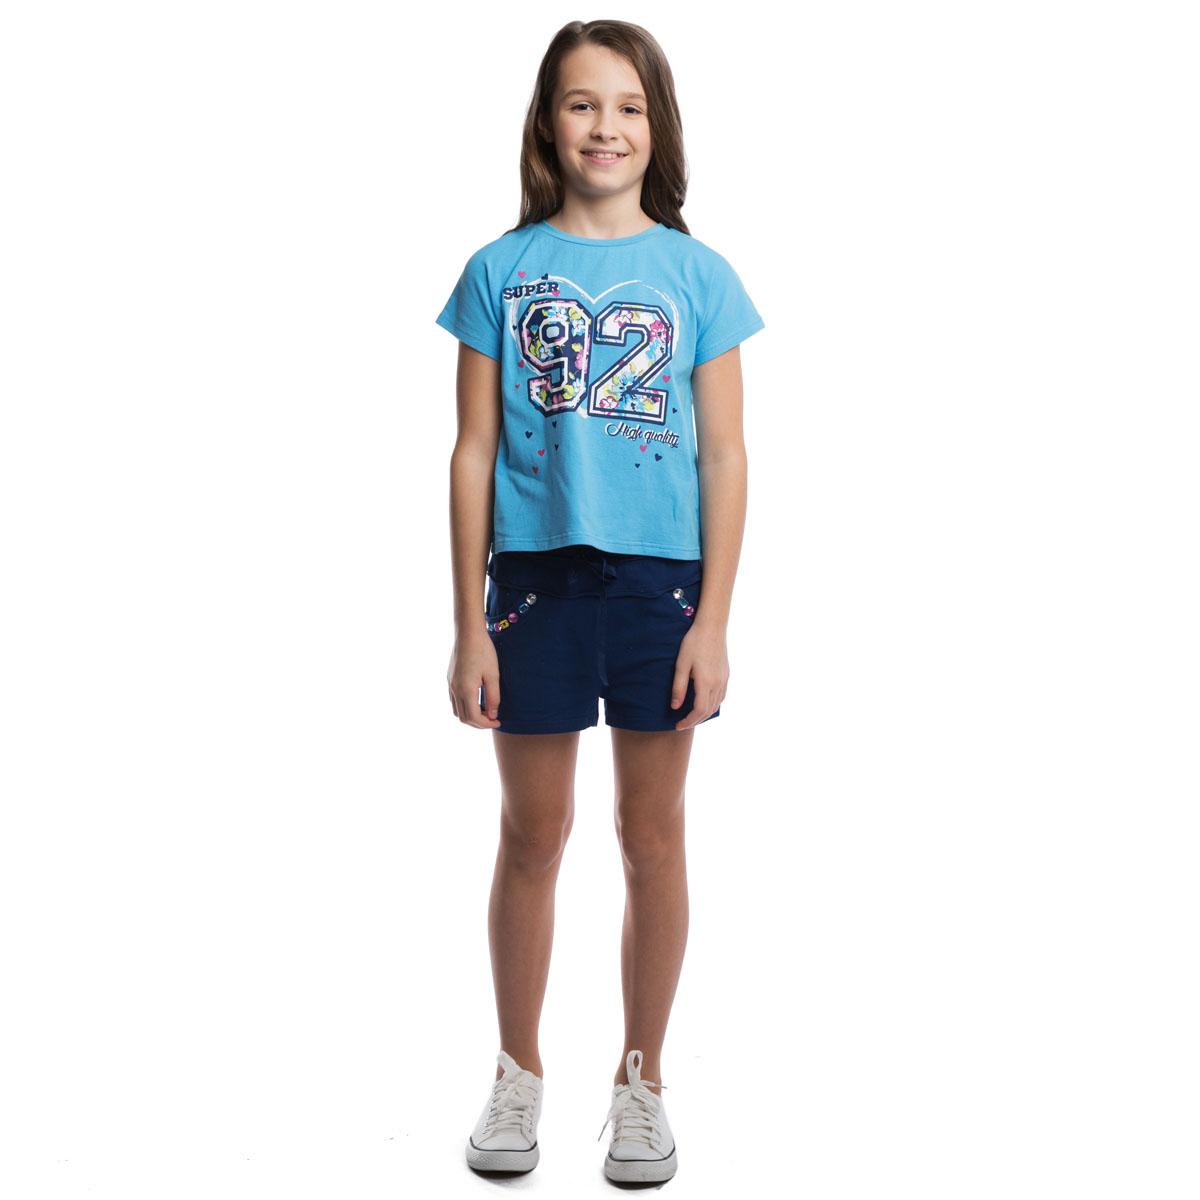 Футболка264015Мягкая укороченная футболка для жаркого лета с трикотажной резинкой на воротнике. Модель оформлена резиновым принтом с цветочным узором.